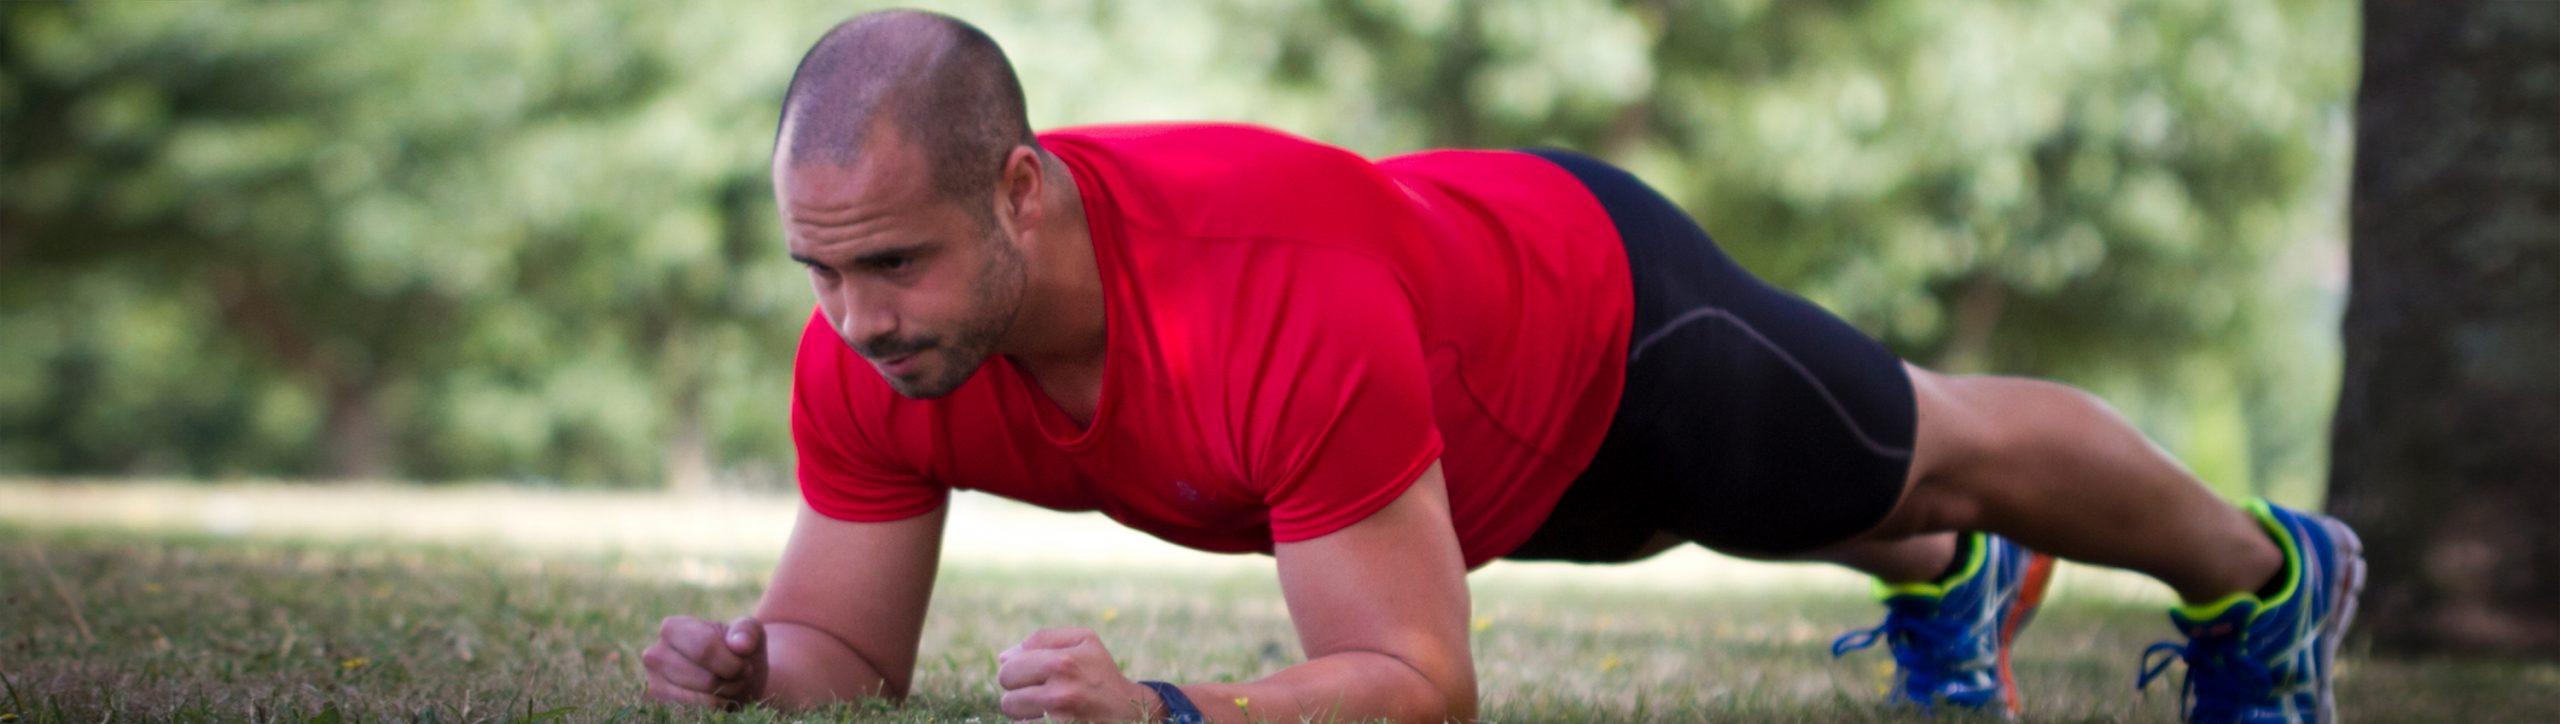 portada ruben-rrsalud centro entrenamiento personal a coruña 3